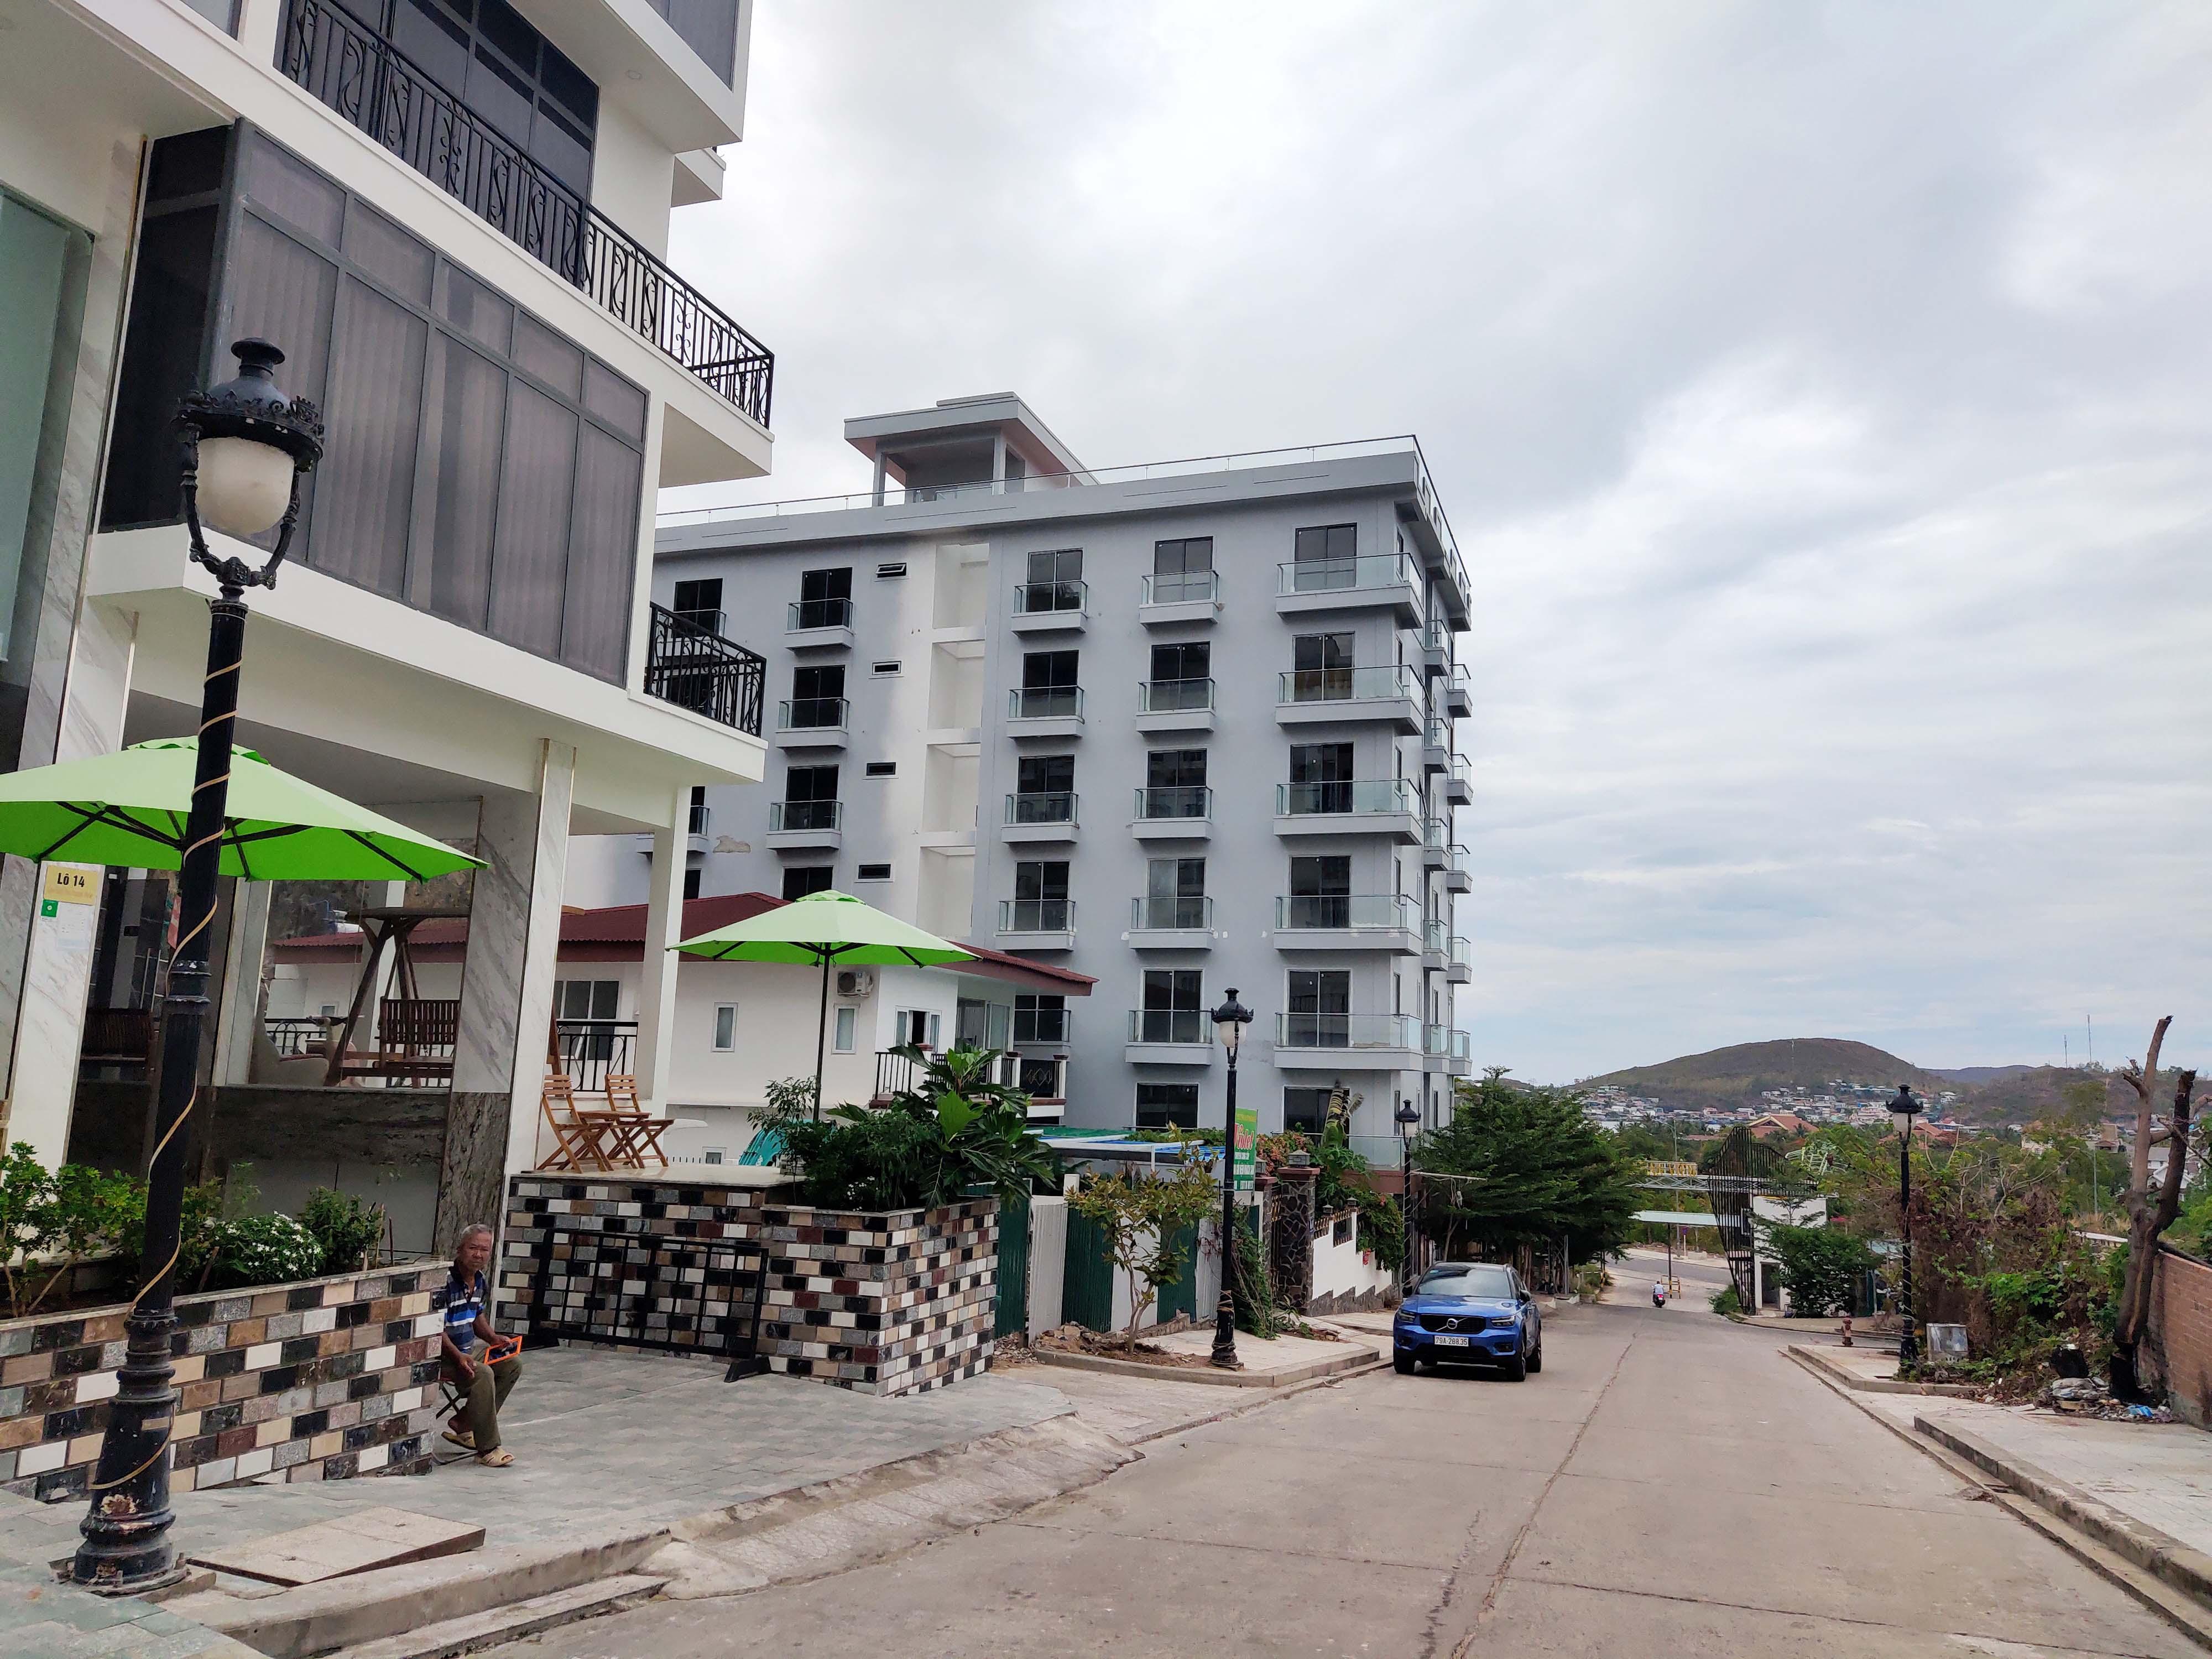 Tháo dỡ công trình sai phạm tại dự án Ocean View Nha Trang trong năm 2021 - Ảnh 2.